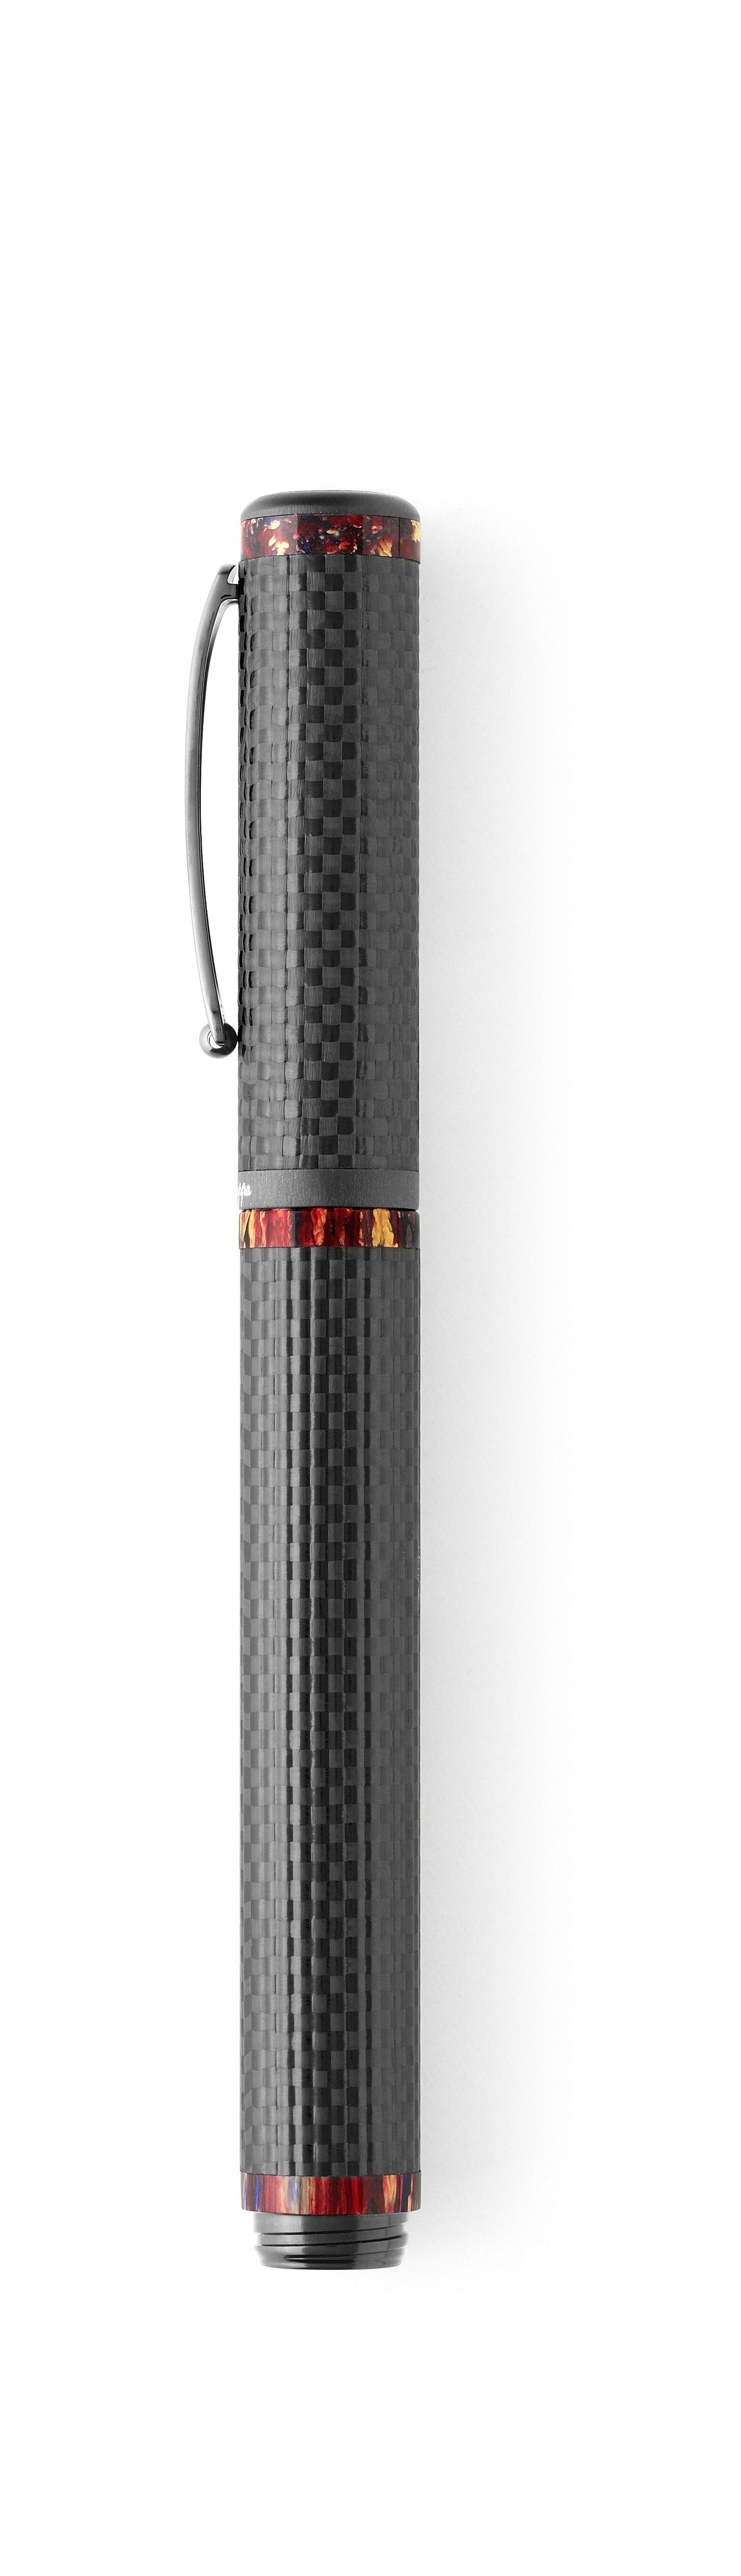 Quincy Jones Carbon Fiber 02